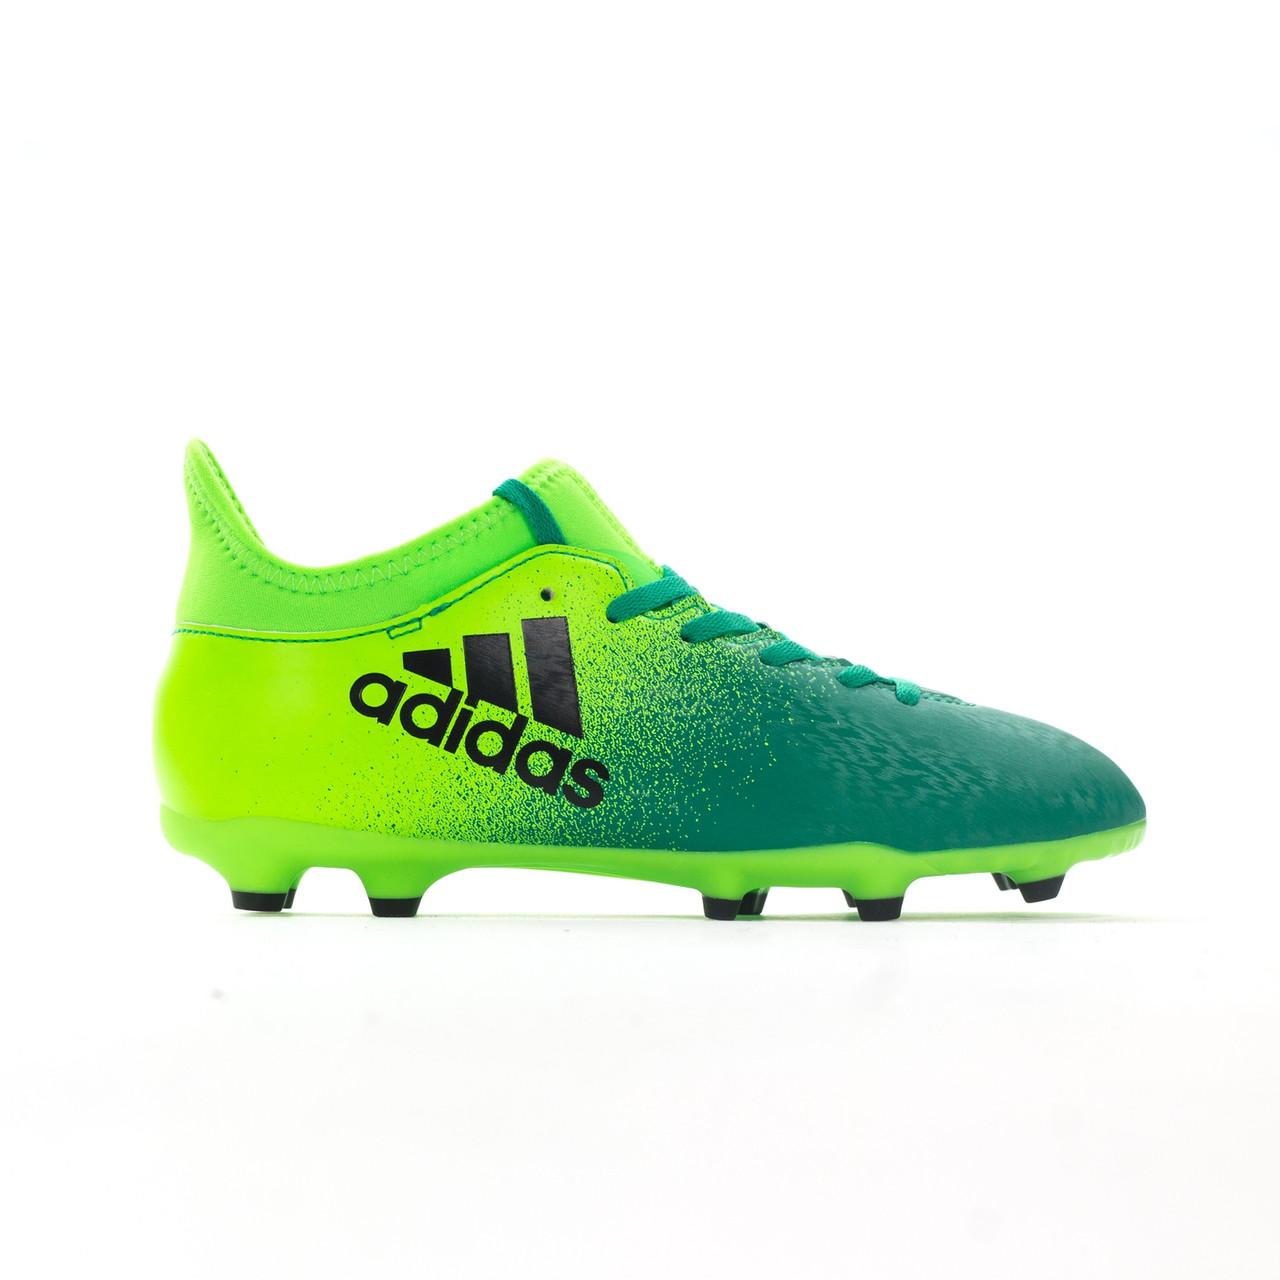 Детские футбольные бутсы Adidas X 16.3 FG J - Оригинал (BB5859)